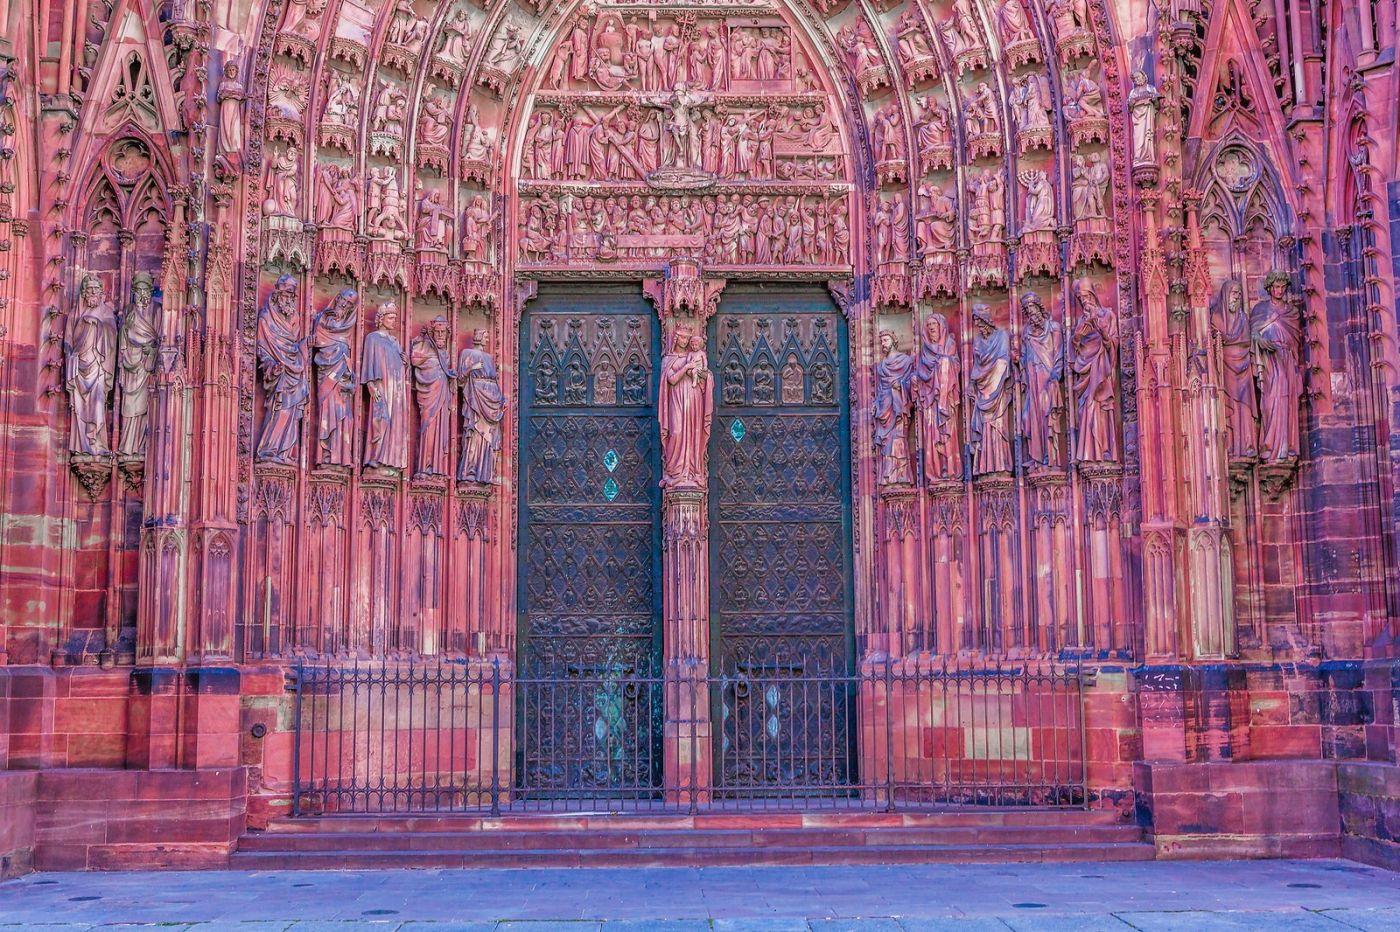 法国斯特拉斯堡(Strasbourg),八百年的主教堂_图1-17